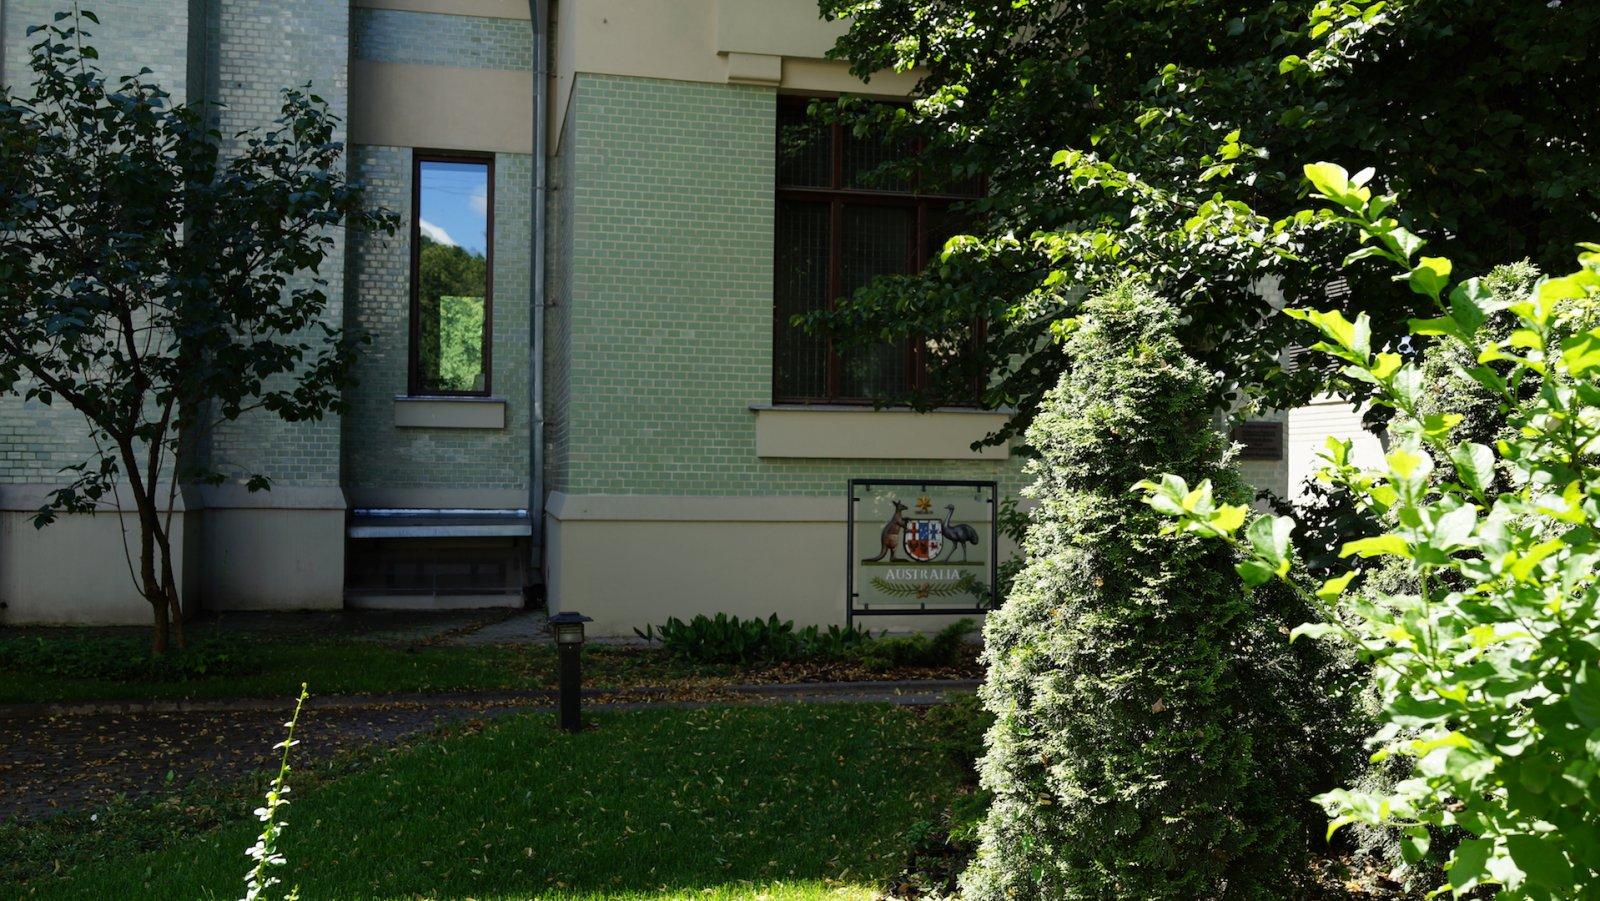 Посольство Австралии, Москва, Кропоткинский переулок, 13с1, 23.07.2017 г.JPG